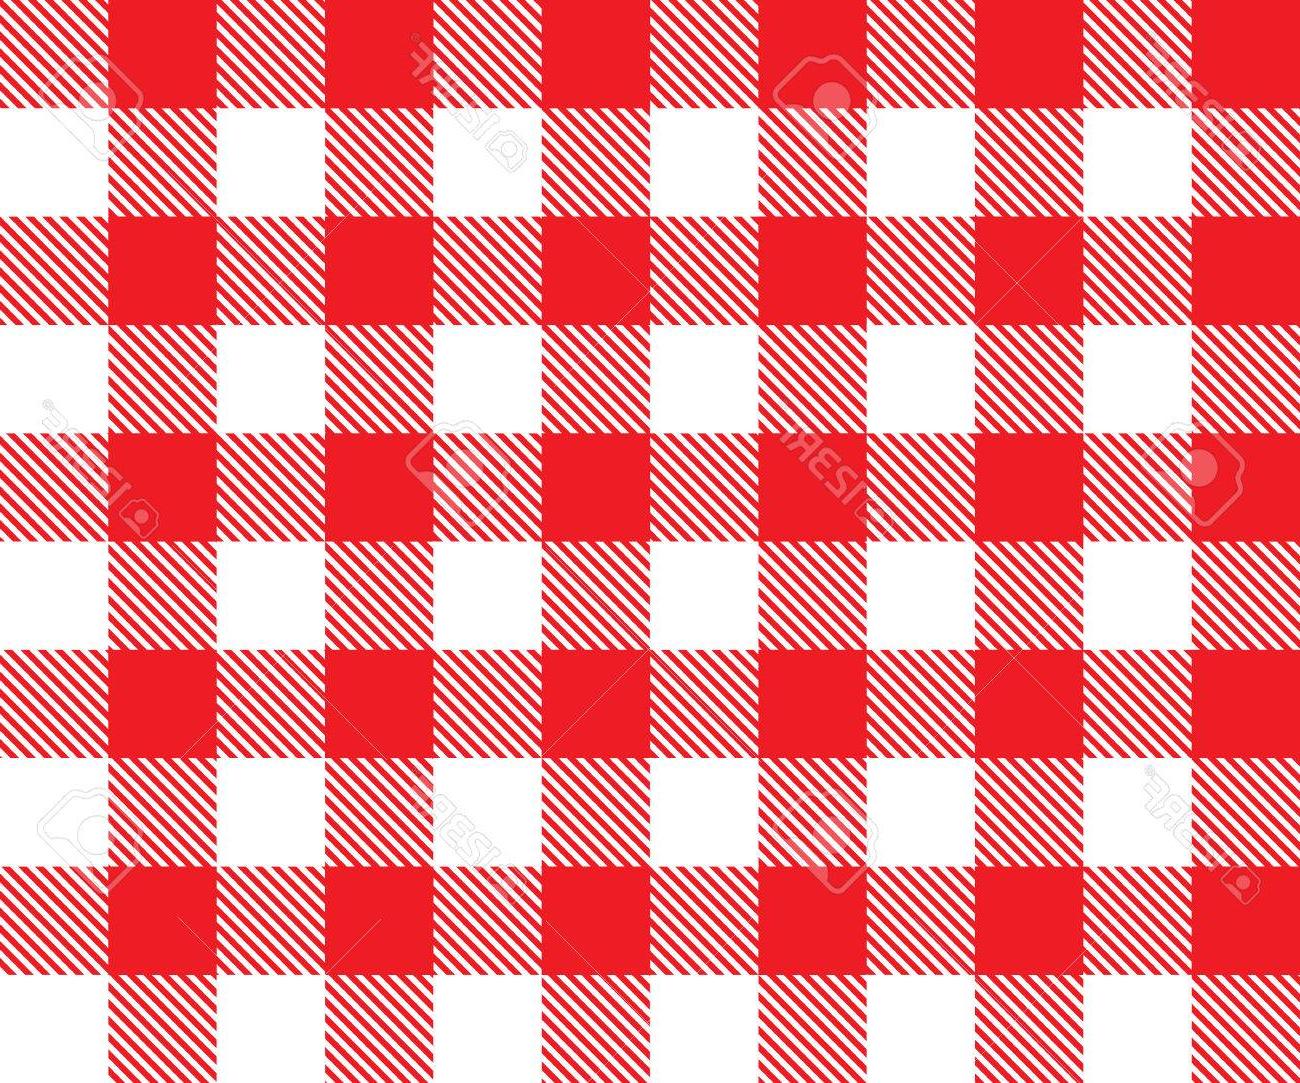 Tela Mantel E6d5 Fondo Mantel Rojo Sin Patrà N Ilustracià N Del Vector Del Tradicional